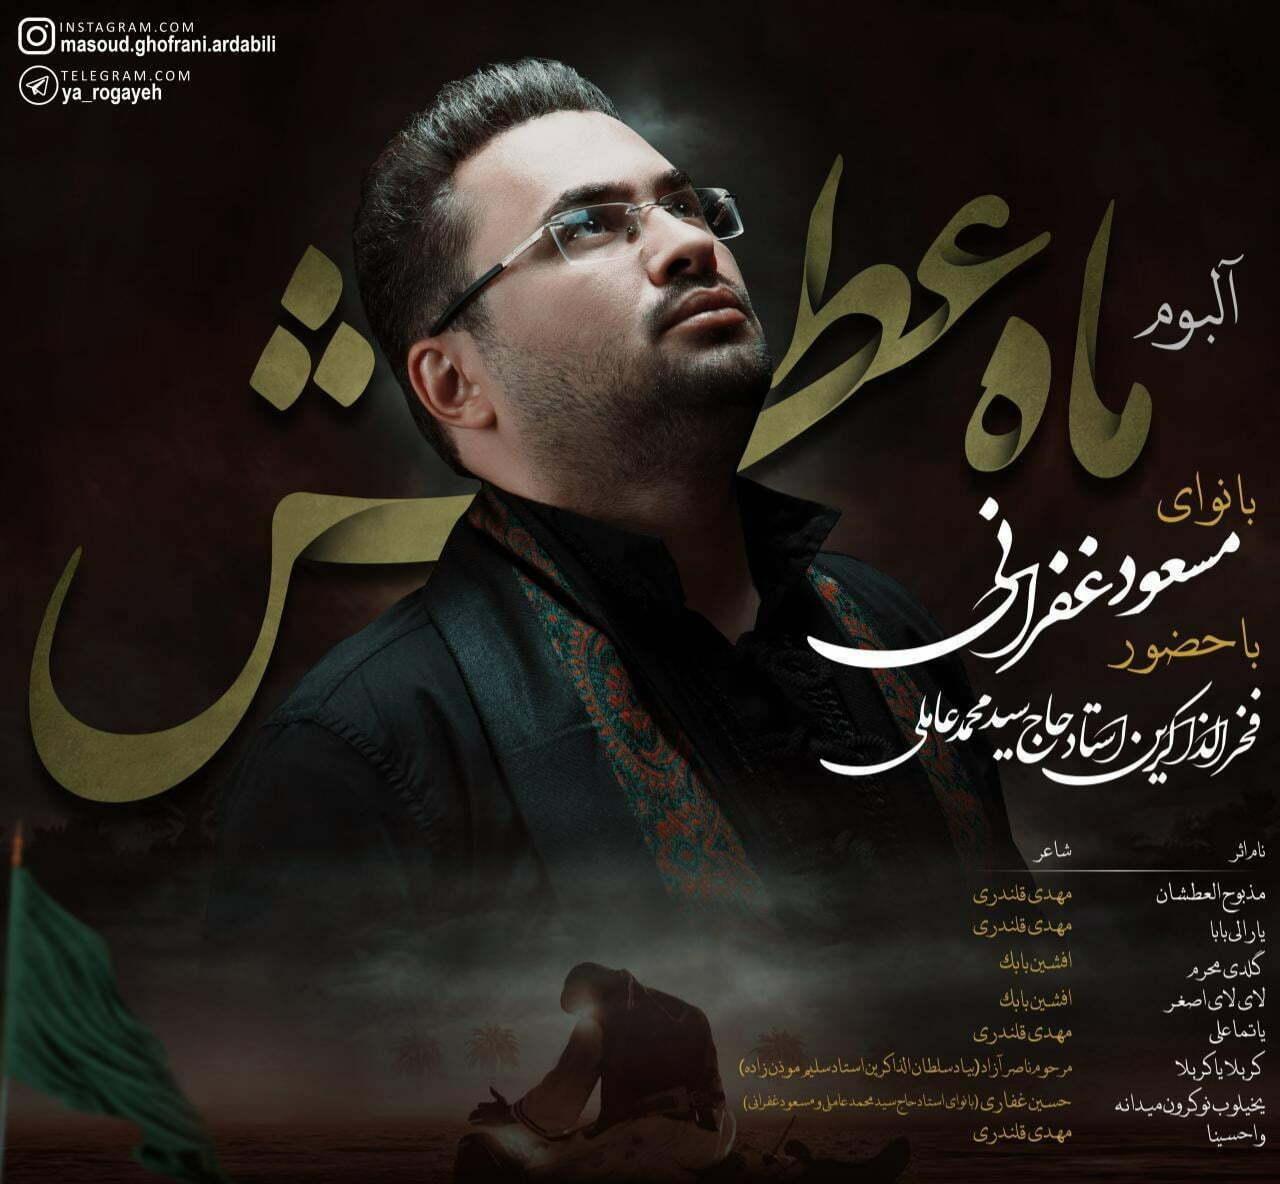 دانلود آهنگ وا حسینا مسعود غفرانی